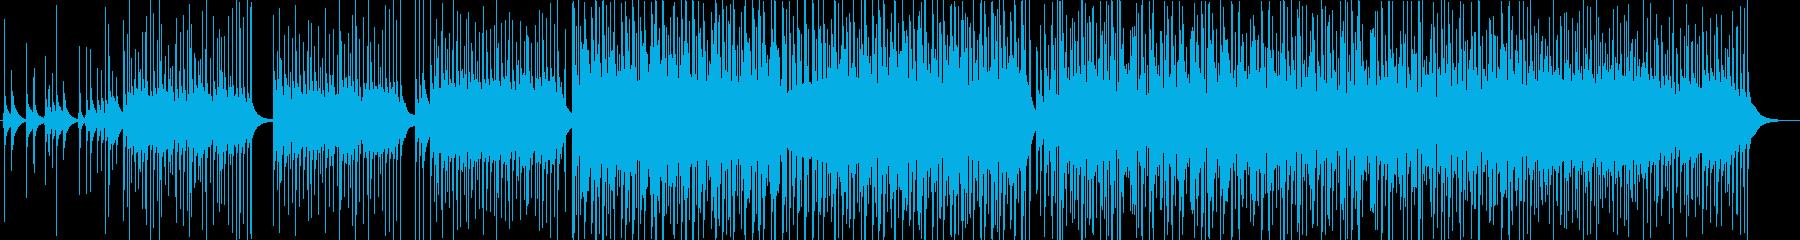 怪しげな民族風BGMの再生済みの波形